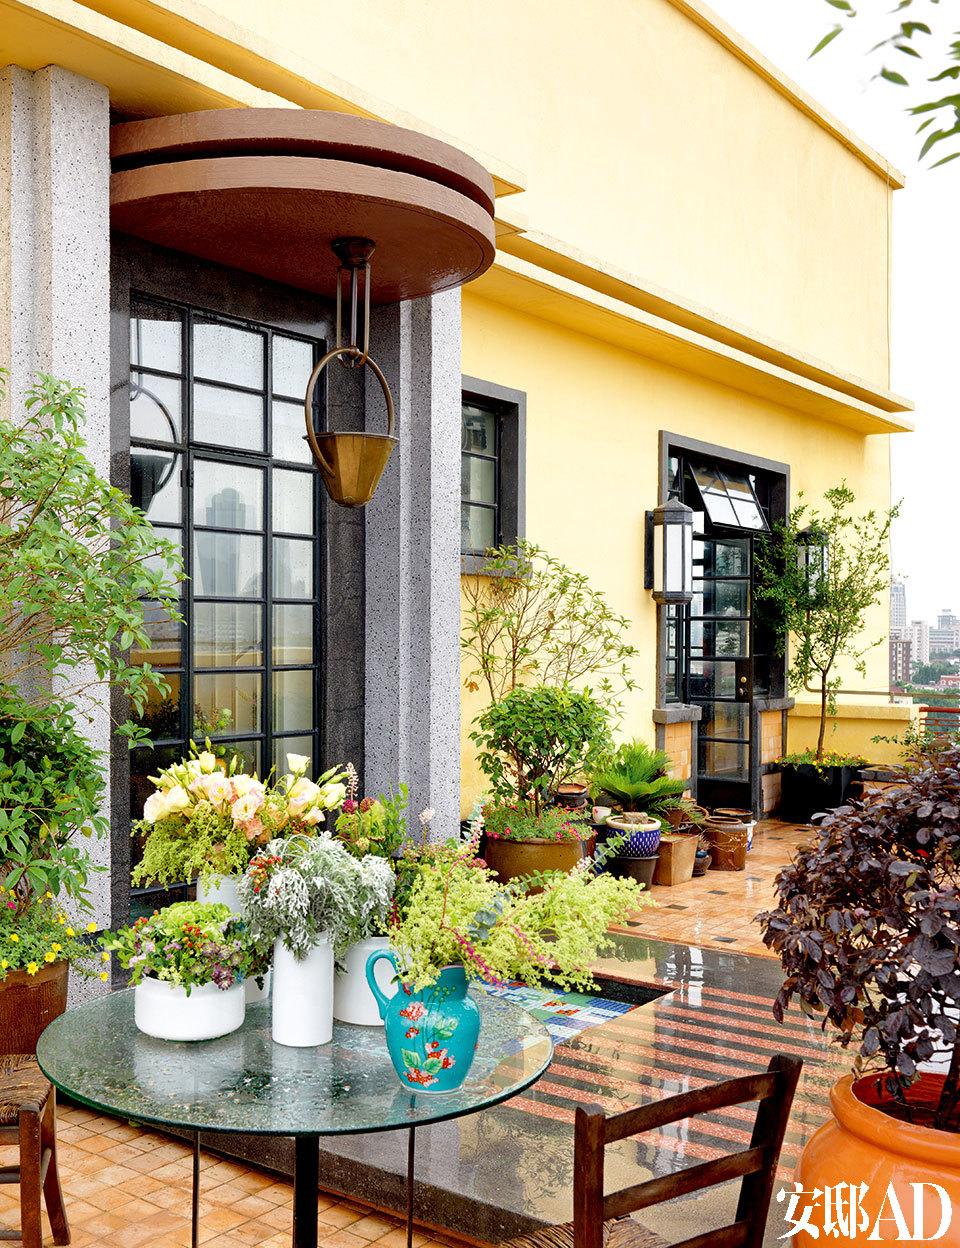 露台风景极佳,大量的植物带来放松、舒适的氛围。